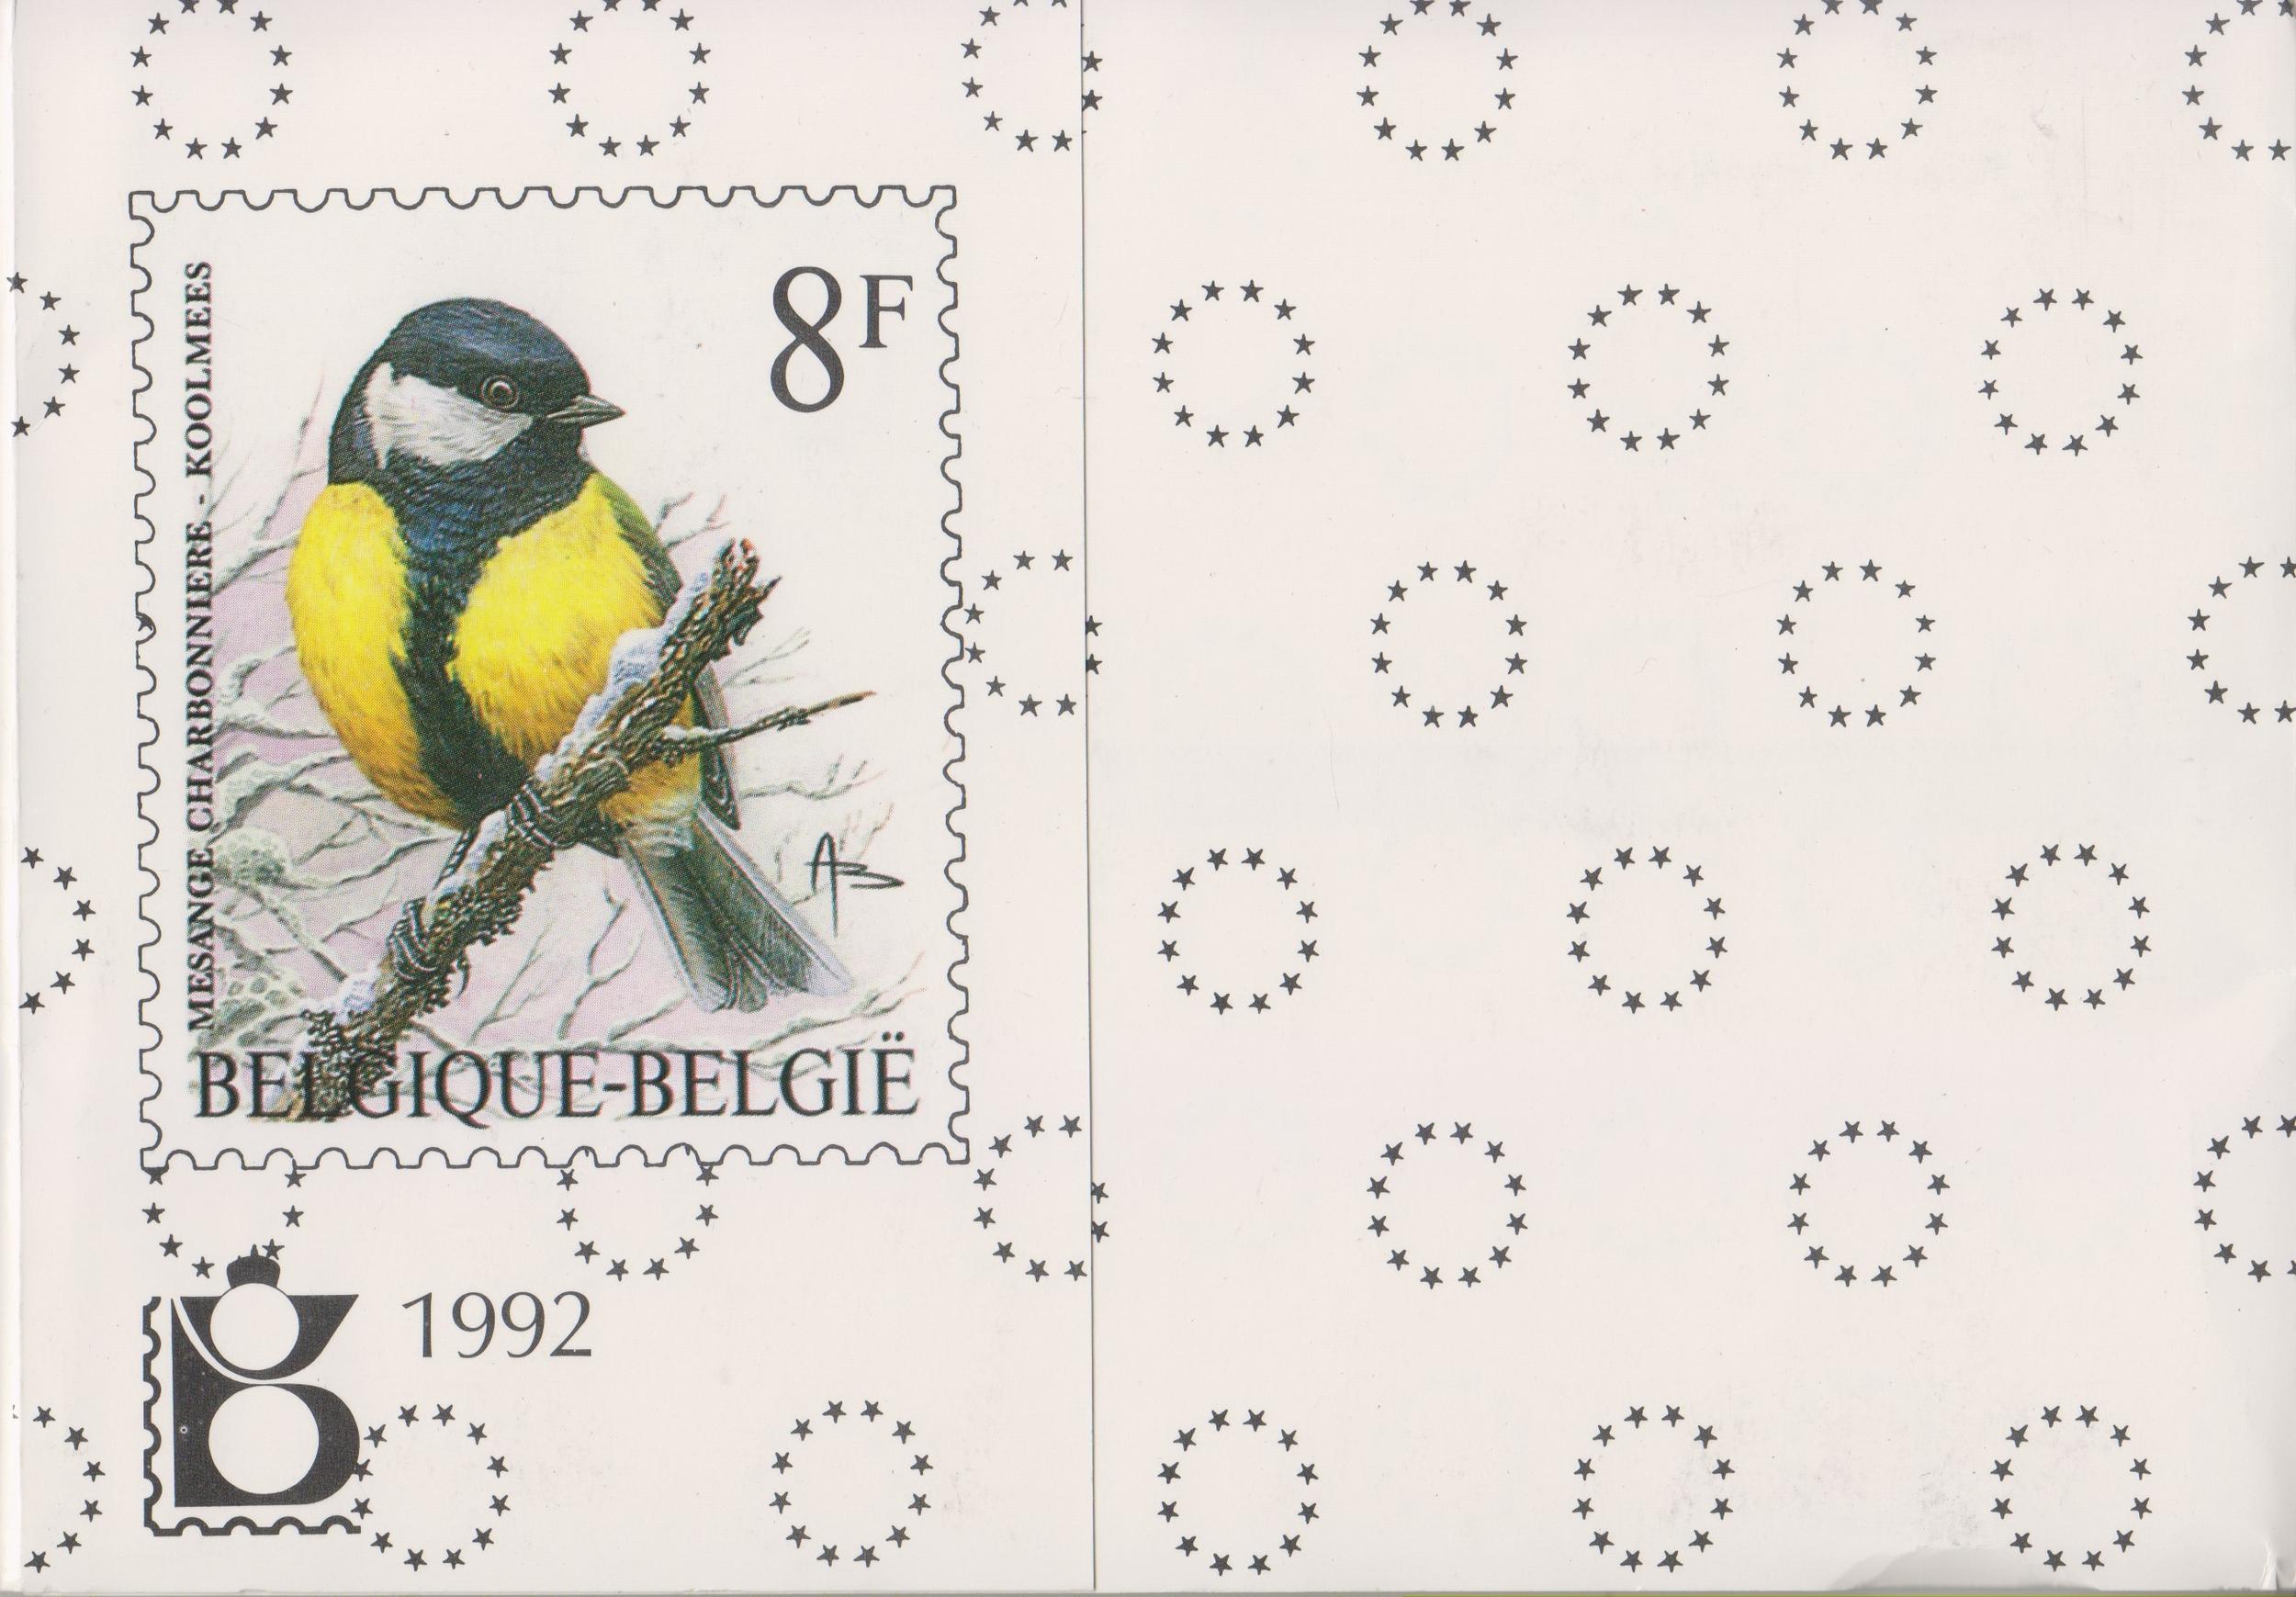 Belgique - Année complète neuve ** en livret de la poste - 1992 - Cote €75.40